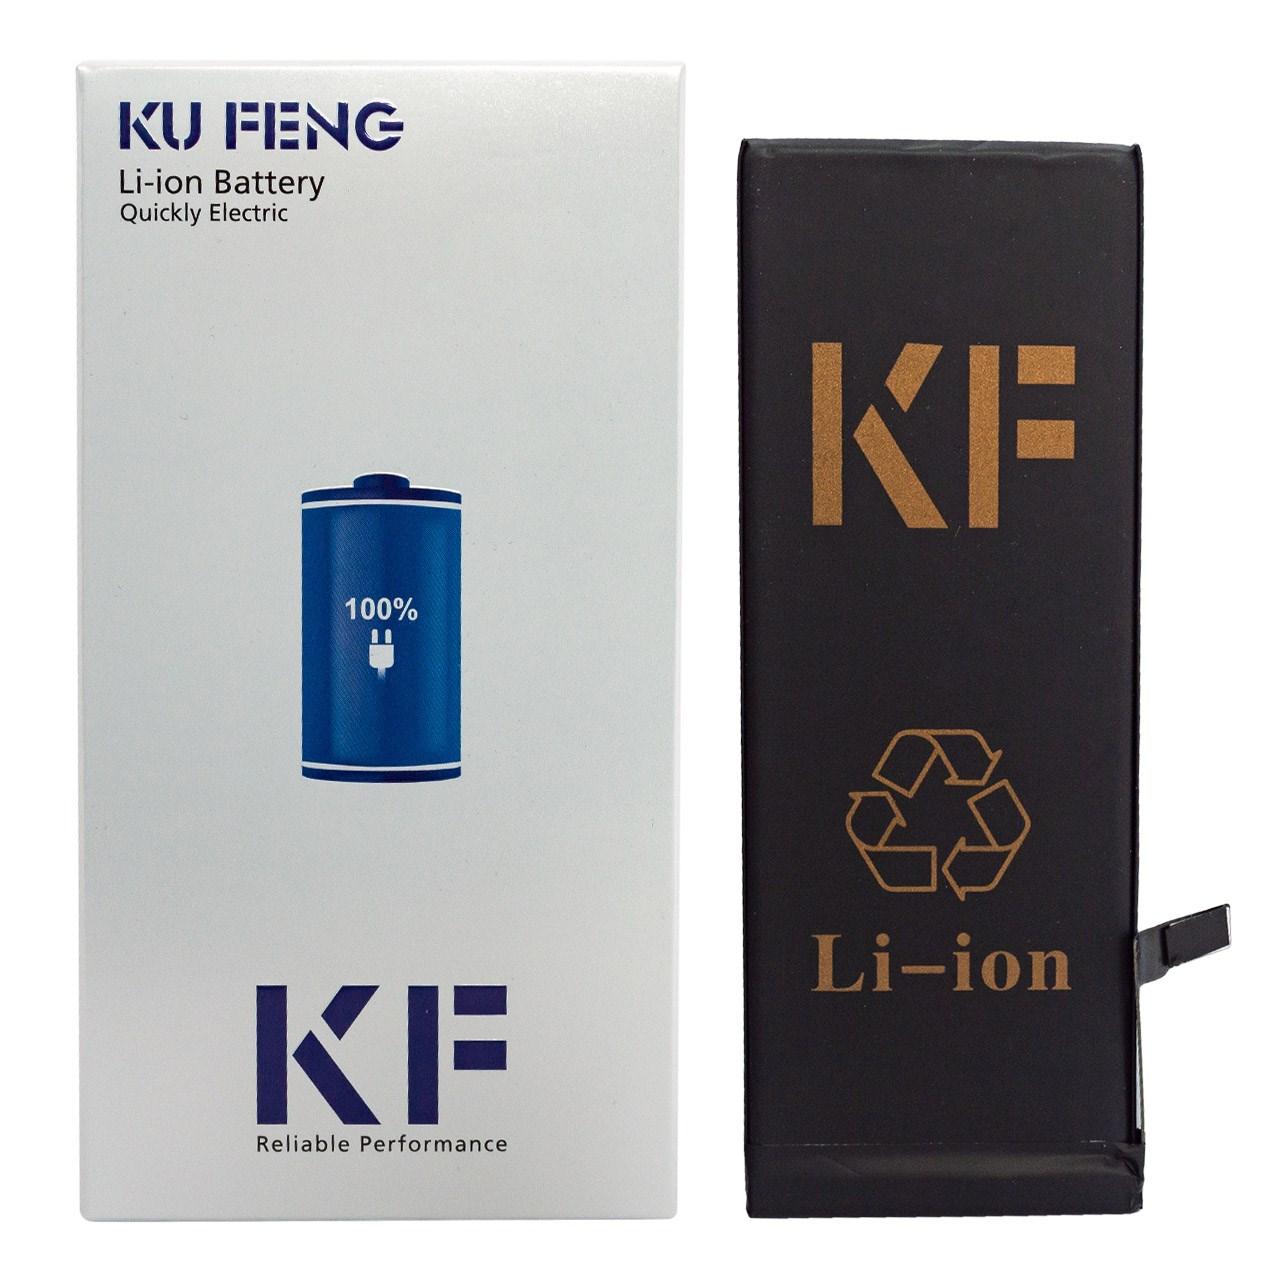 باتری موبایل کافنگ مدل KF-5S با ظرفیت 1560mAh مناسب برای گوشی های موبایل آیفون 5S